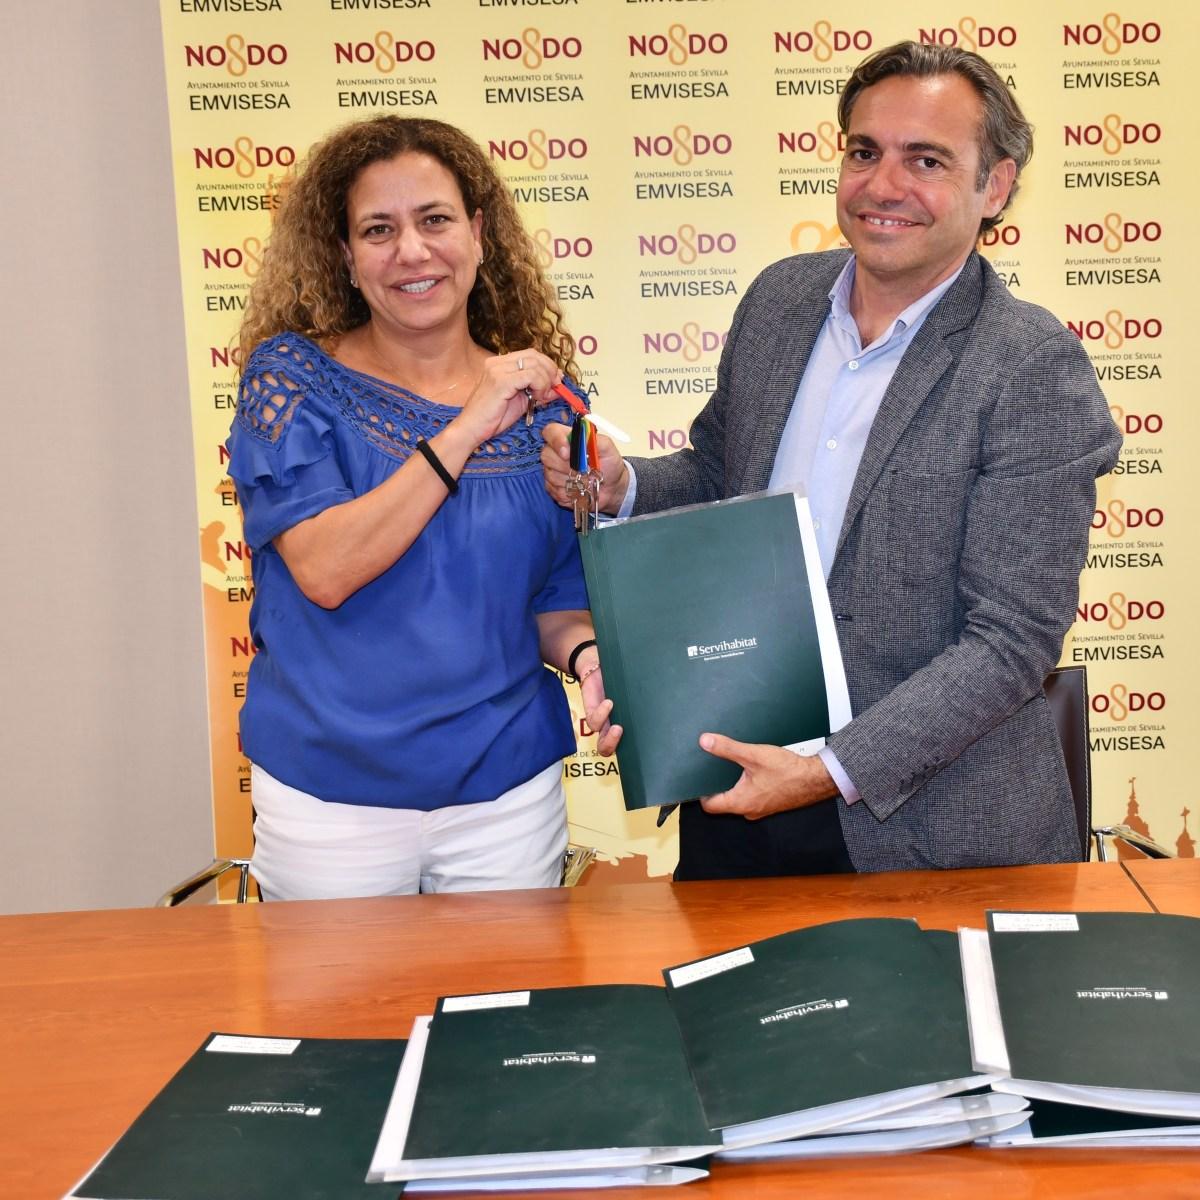 El Ayuntamiento de Sevilla amplía su parque de viviendas sociales tras adquirir Emvisesa diez nuevos pisos mediante derecho de tanteo